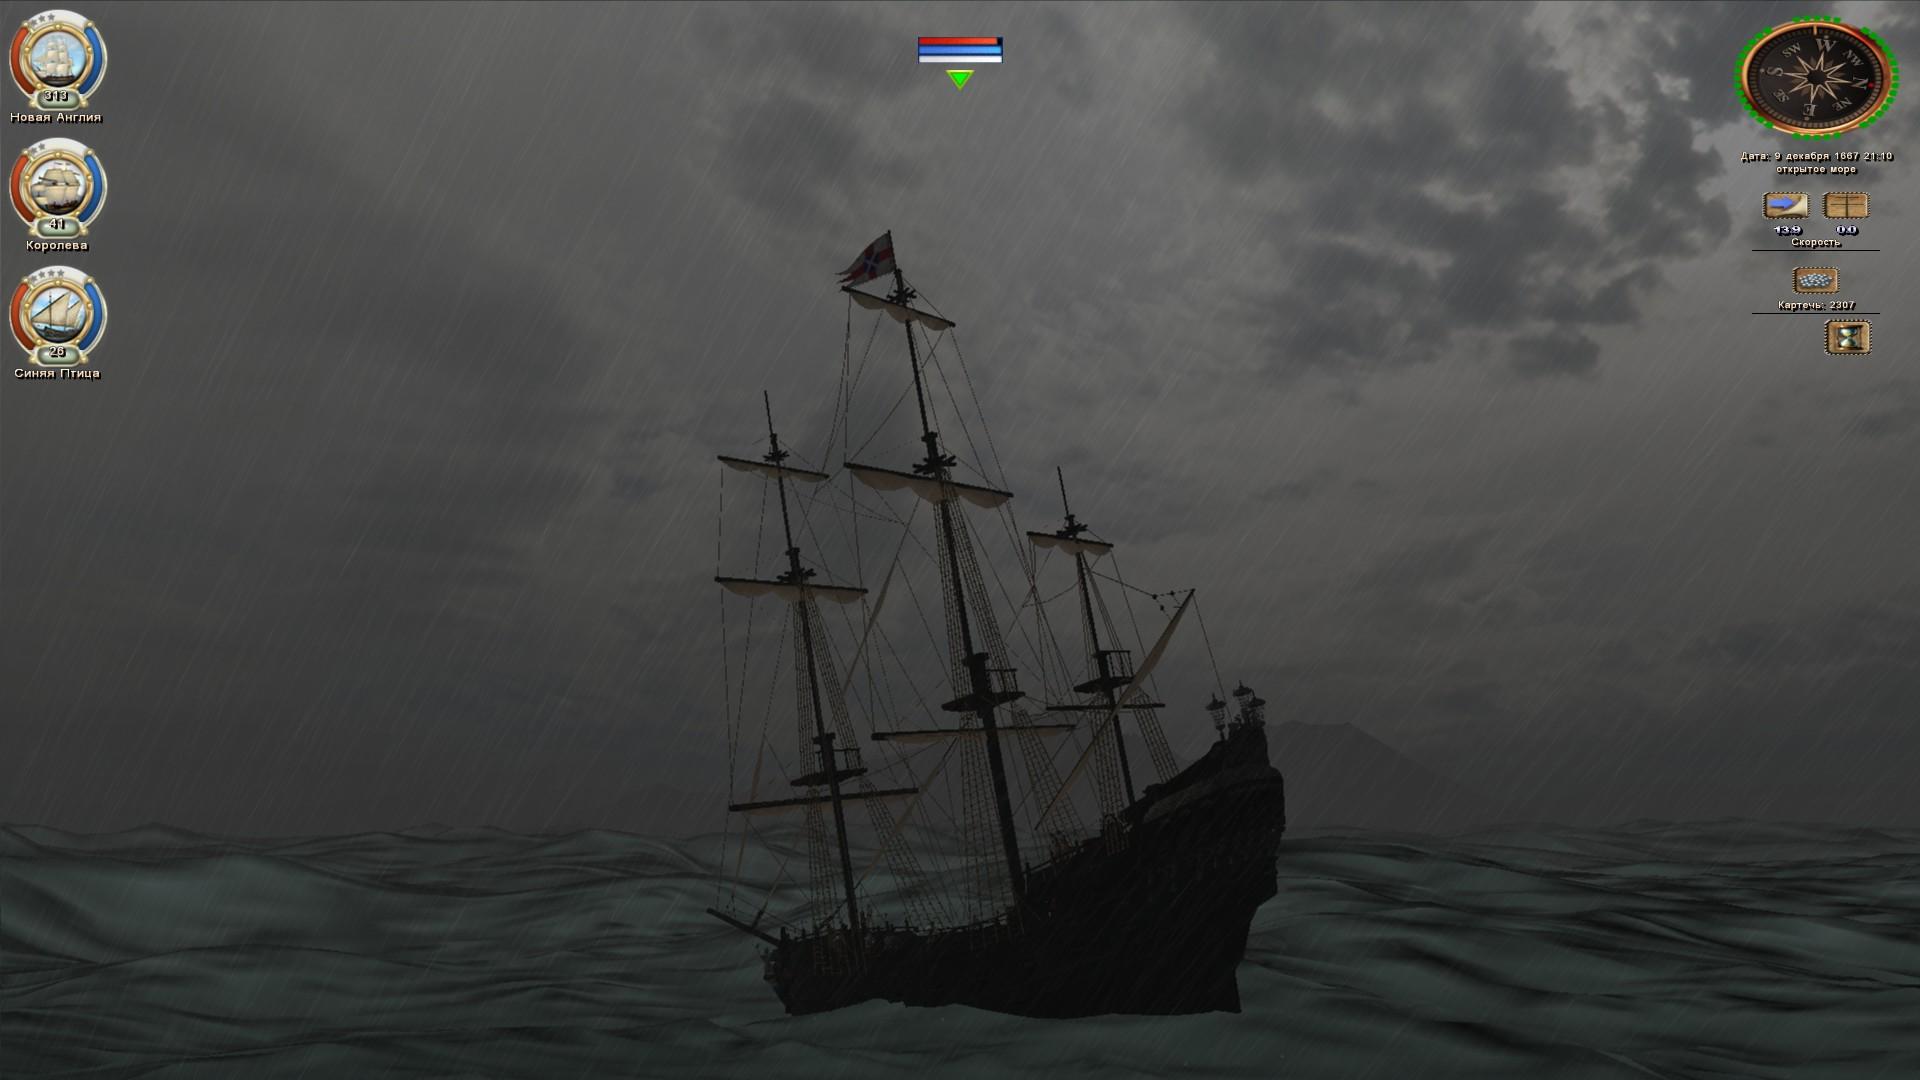 celebrando mi ascenso a almirante 713